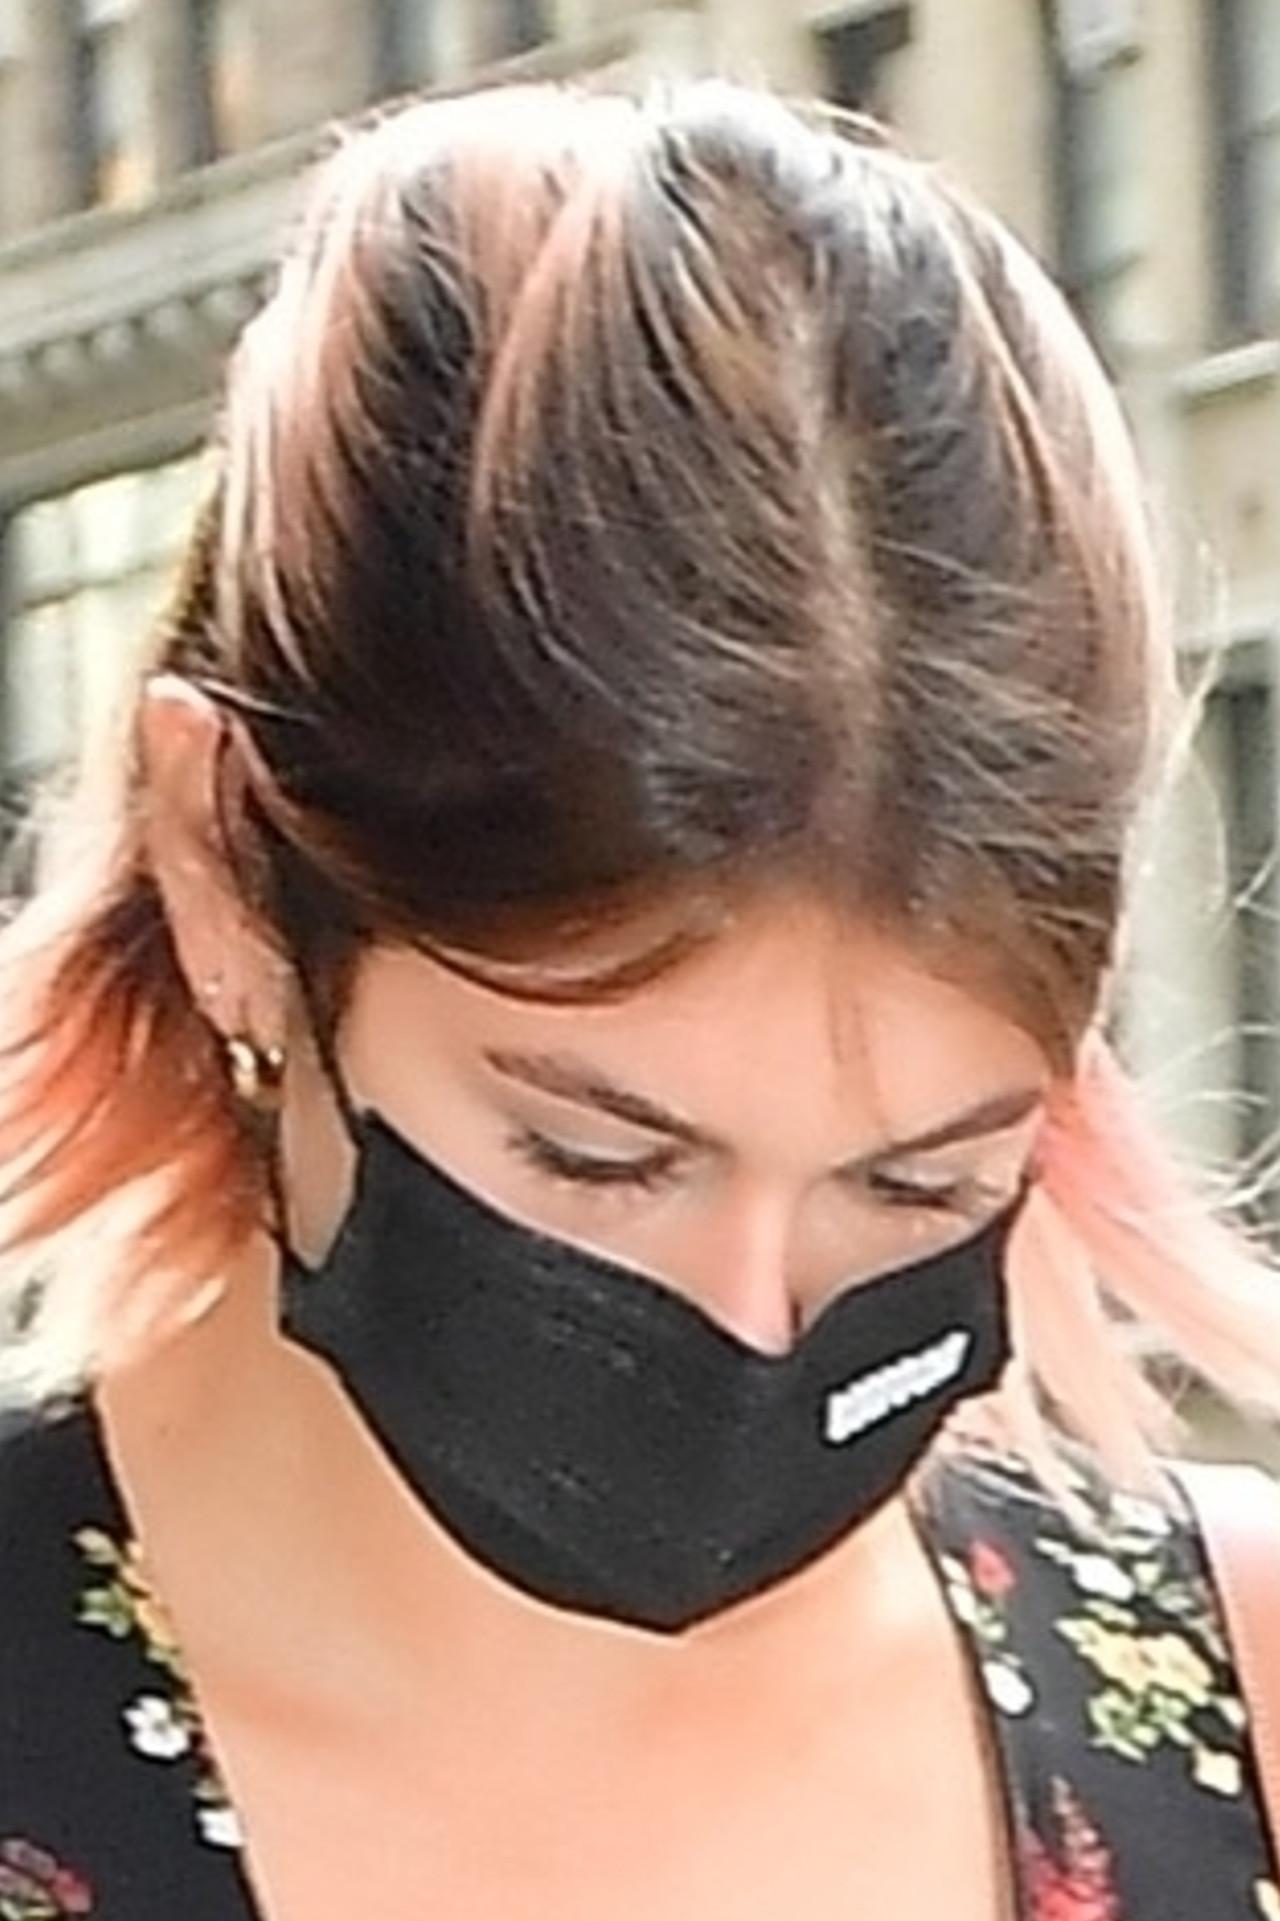 Kaia Gerber w maseczce na twarzy.